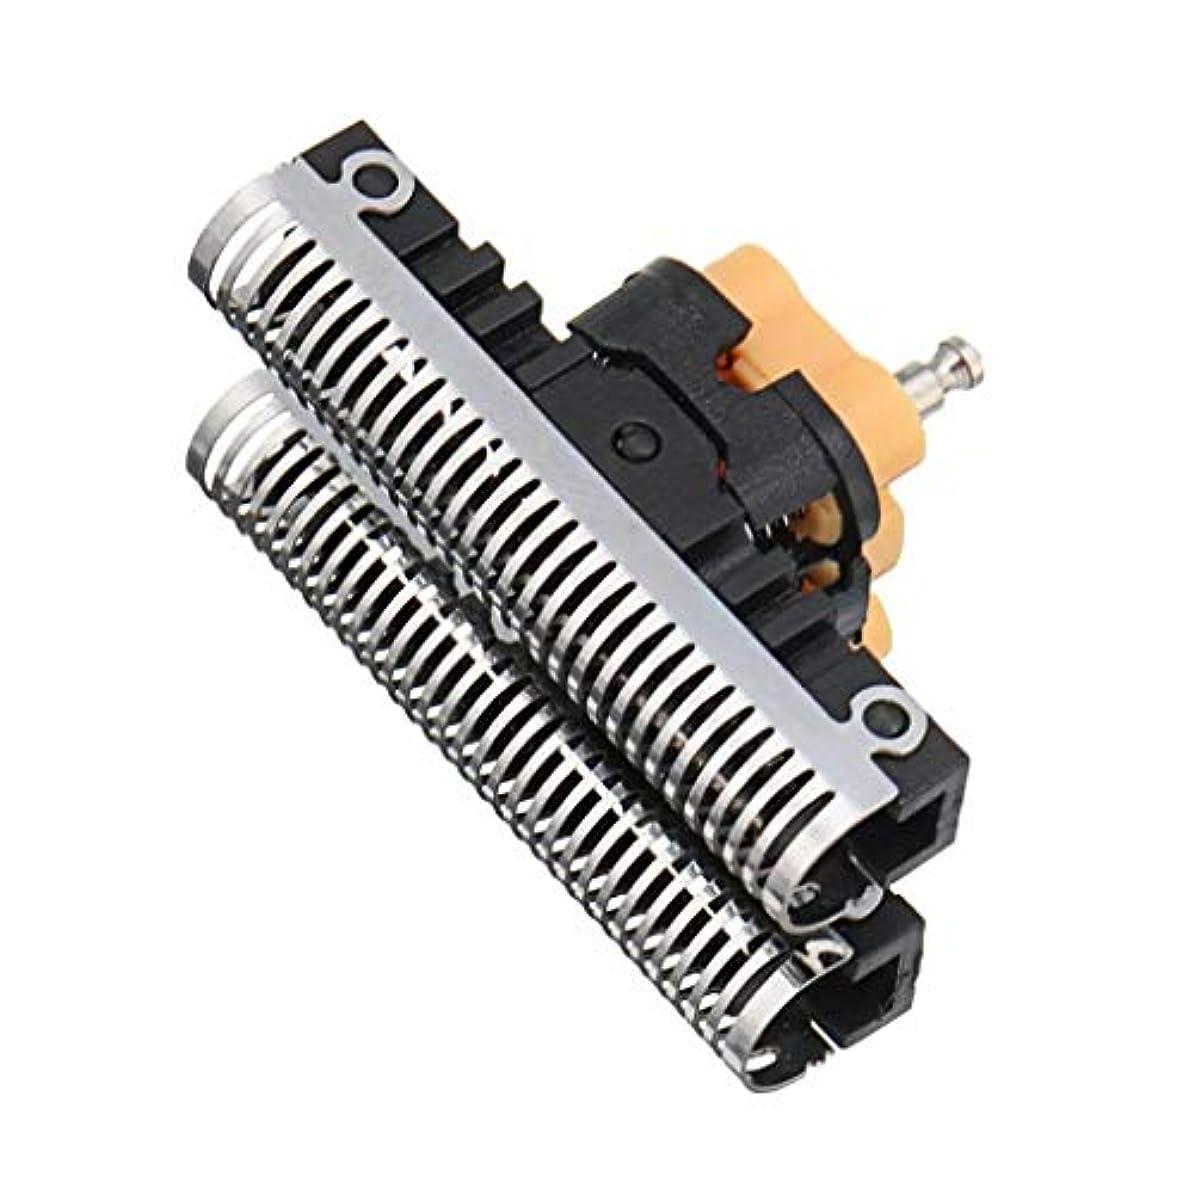 出来事うめき声クールシェーバー ヘッド 替え刃 カミソリ ヘッド メンズ シェーバー替刃 と 1個 シェーバー フォイル Braun 51Sモデルとの互換性 (ブラック)